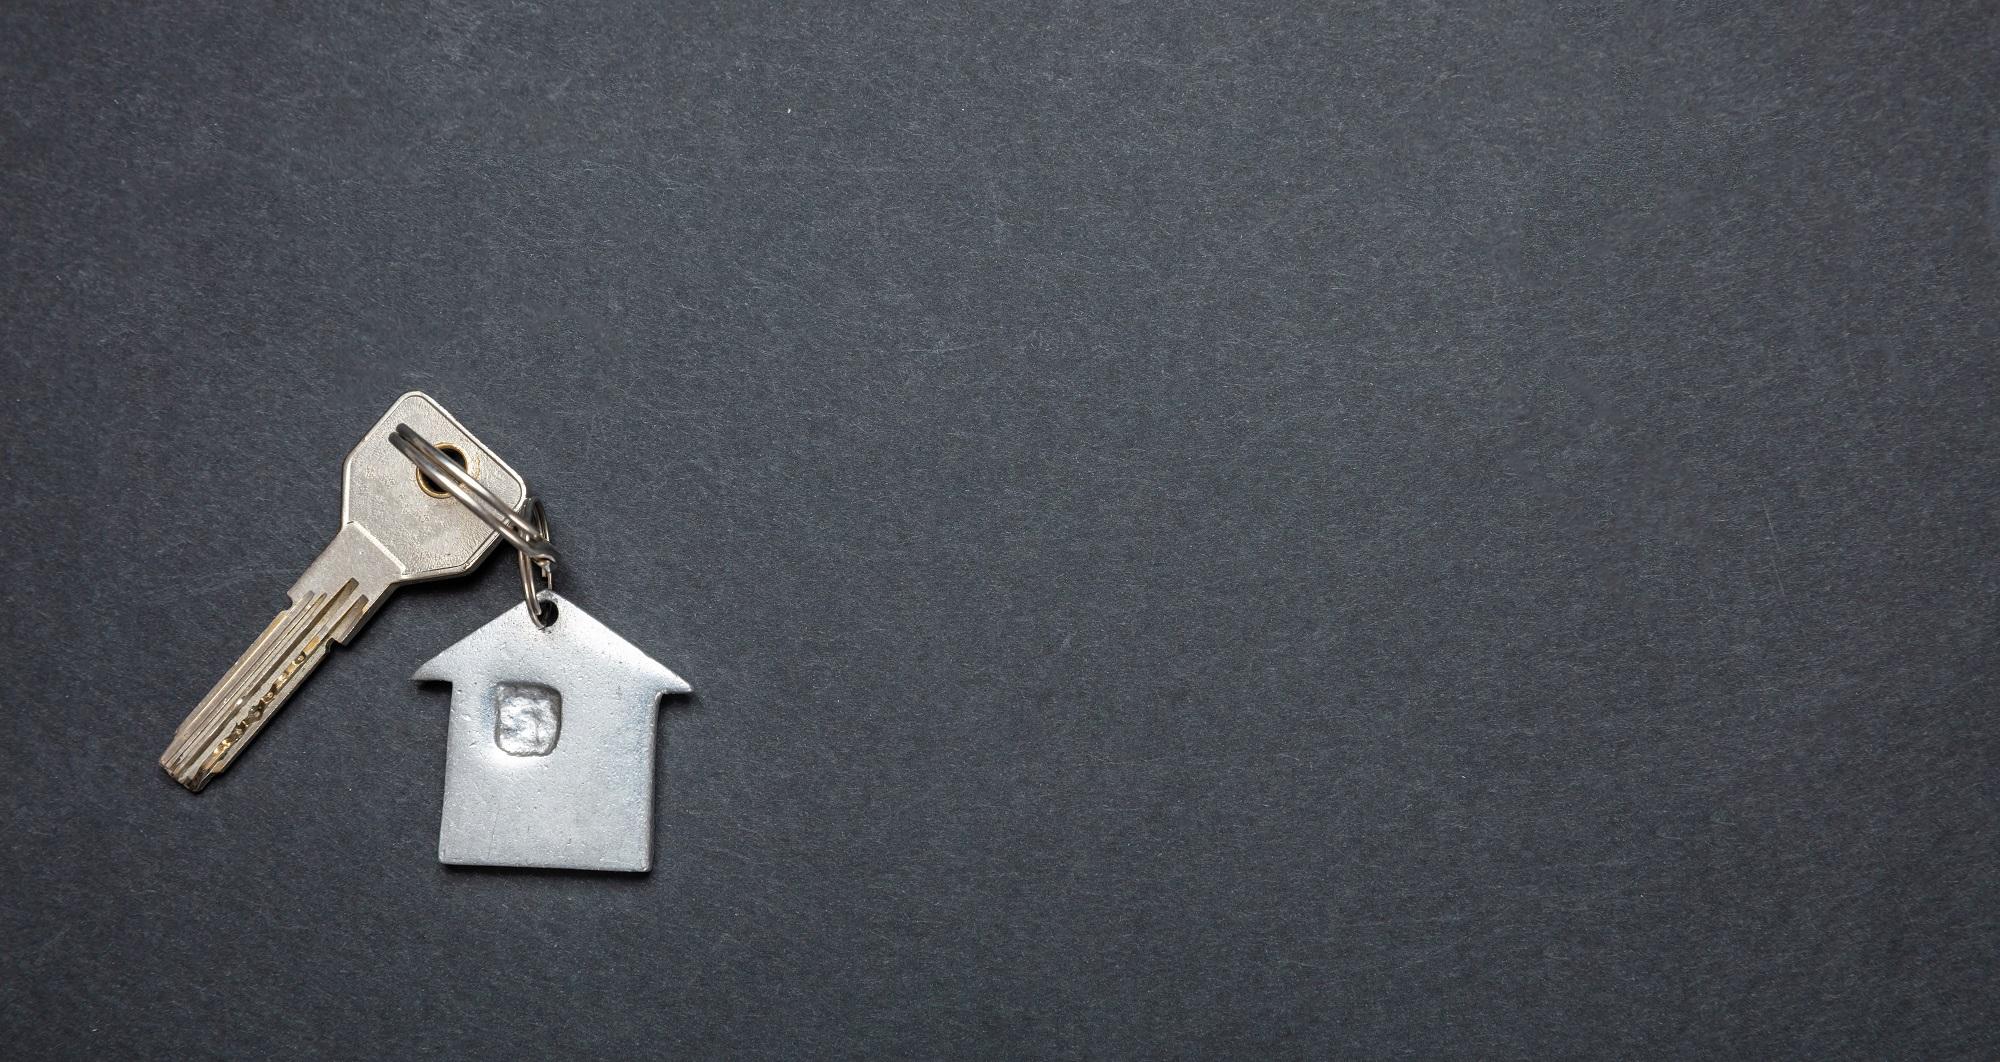 secrets colorado springs mortgage companies